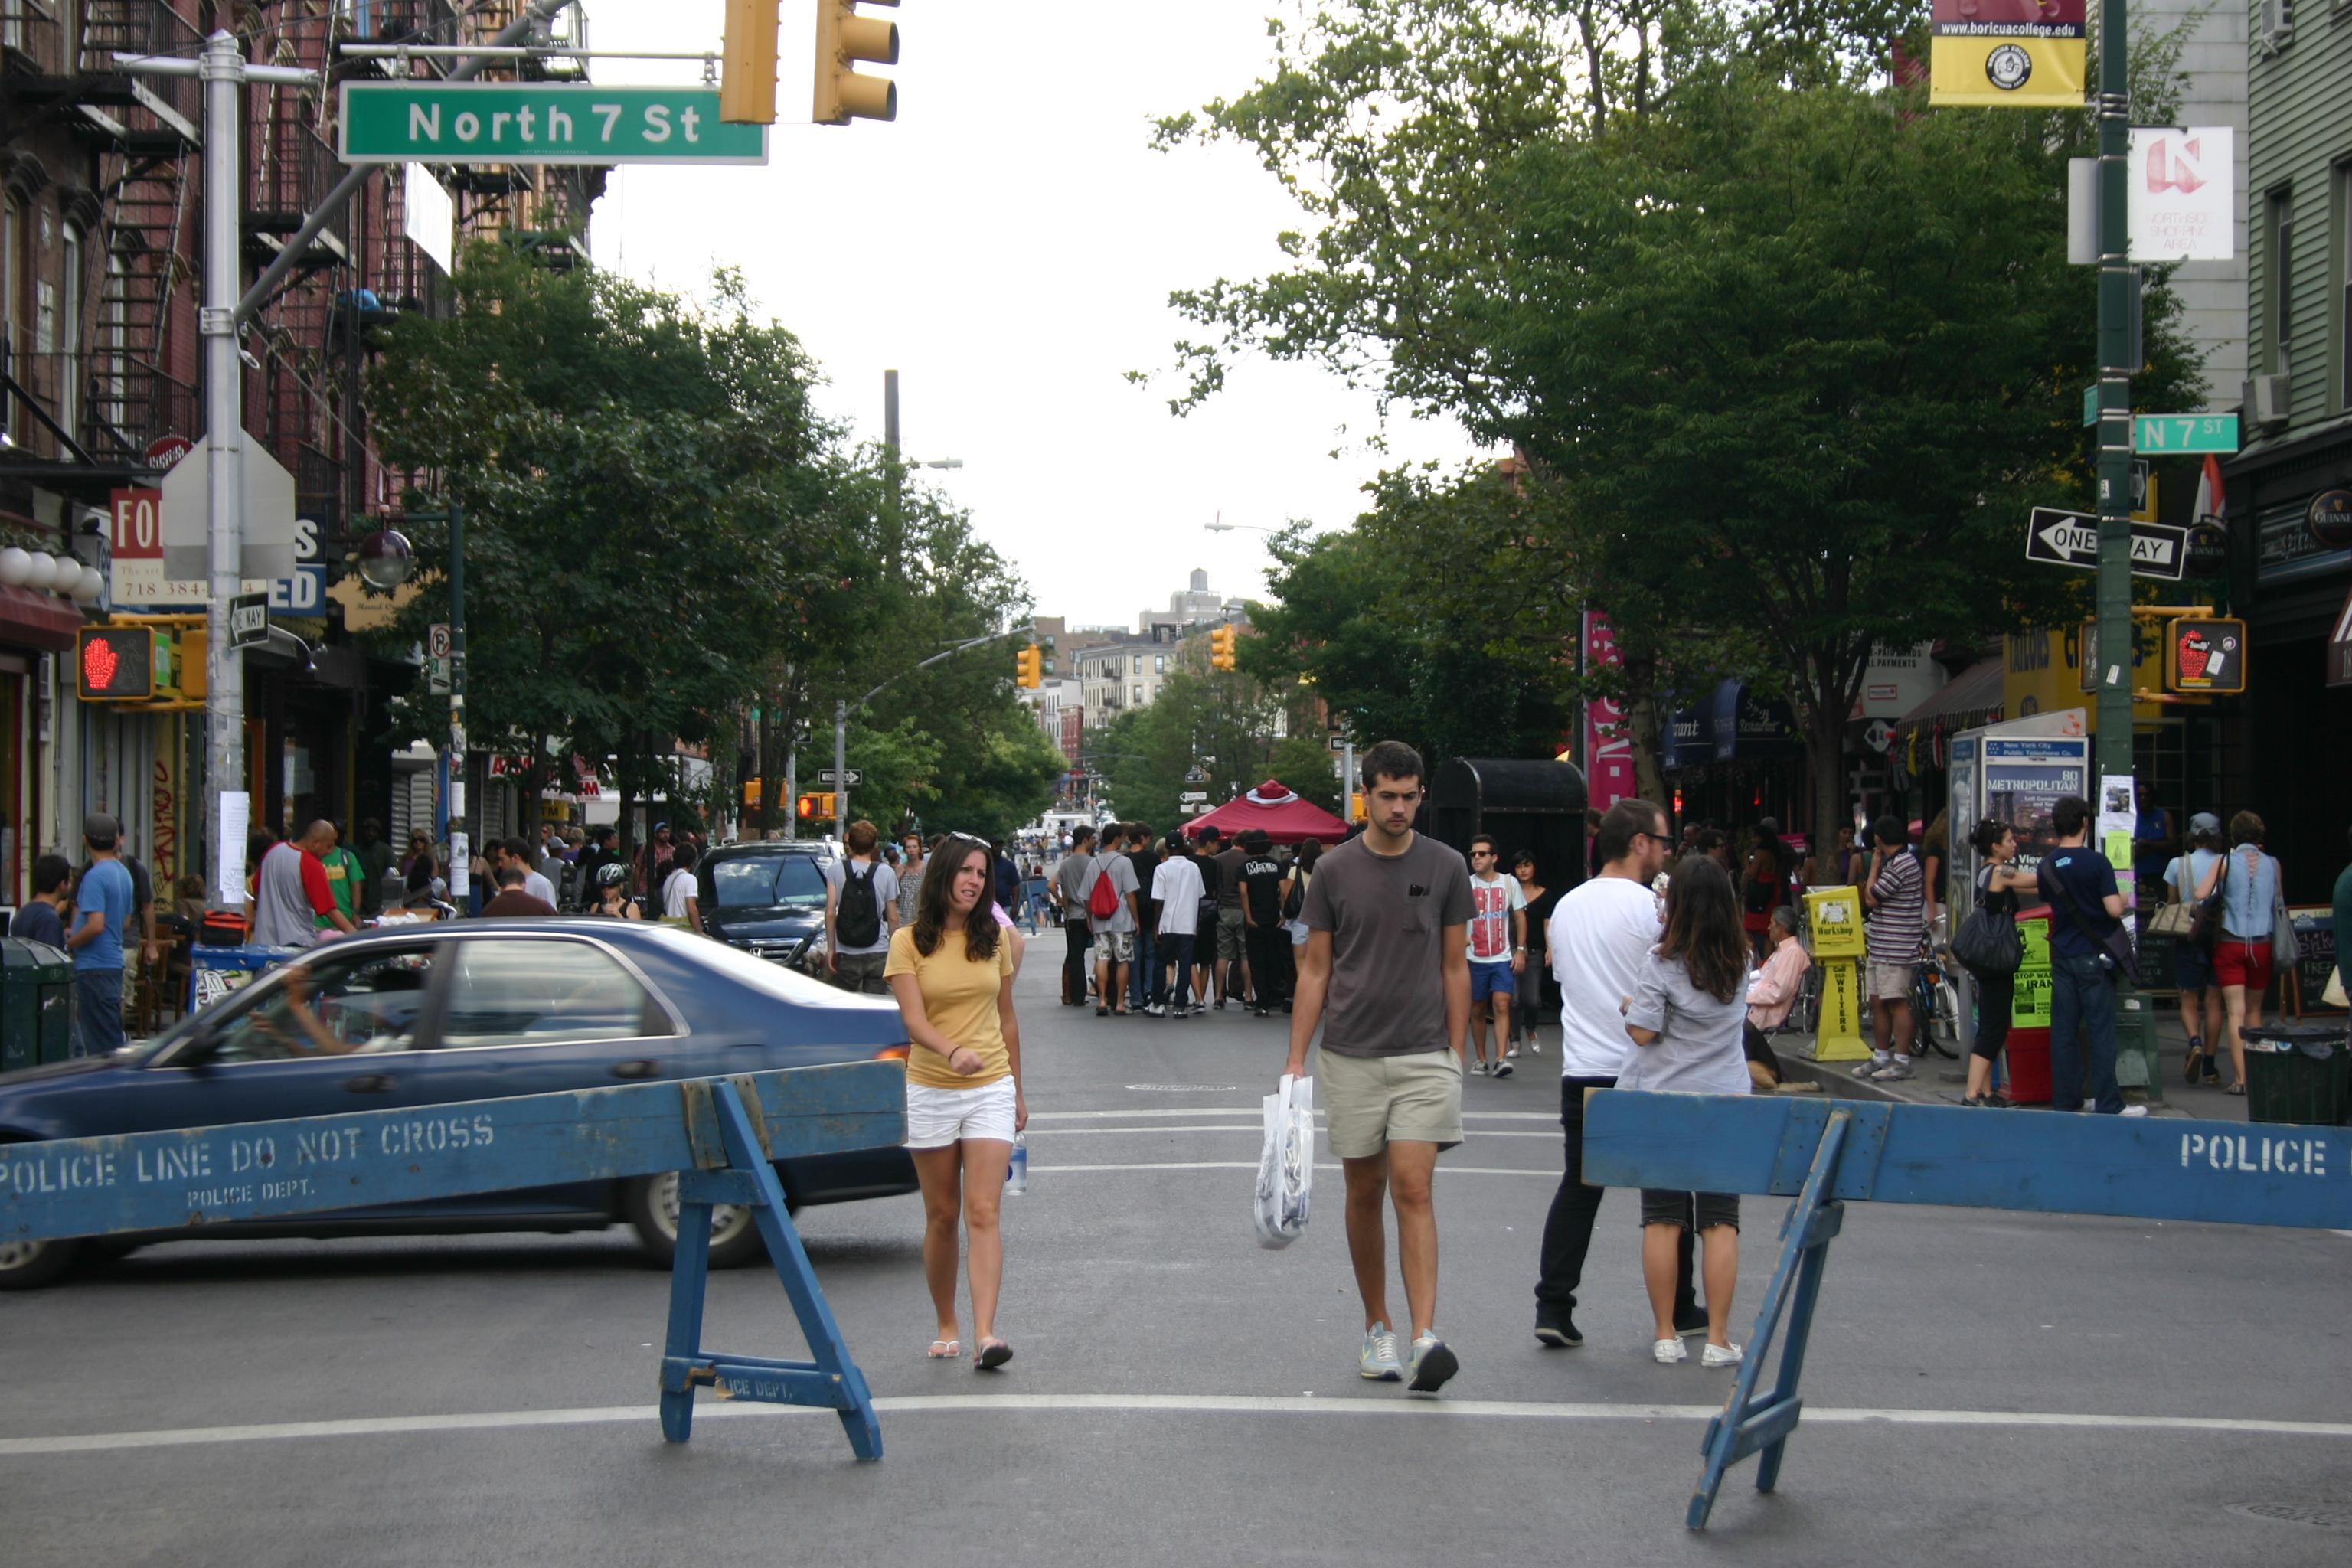 Viva la pedestrian!